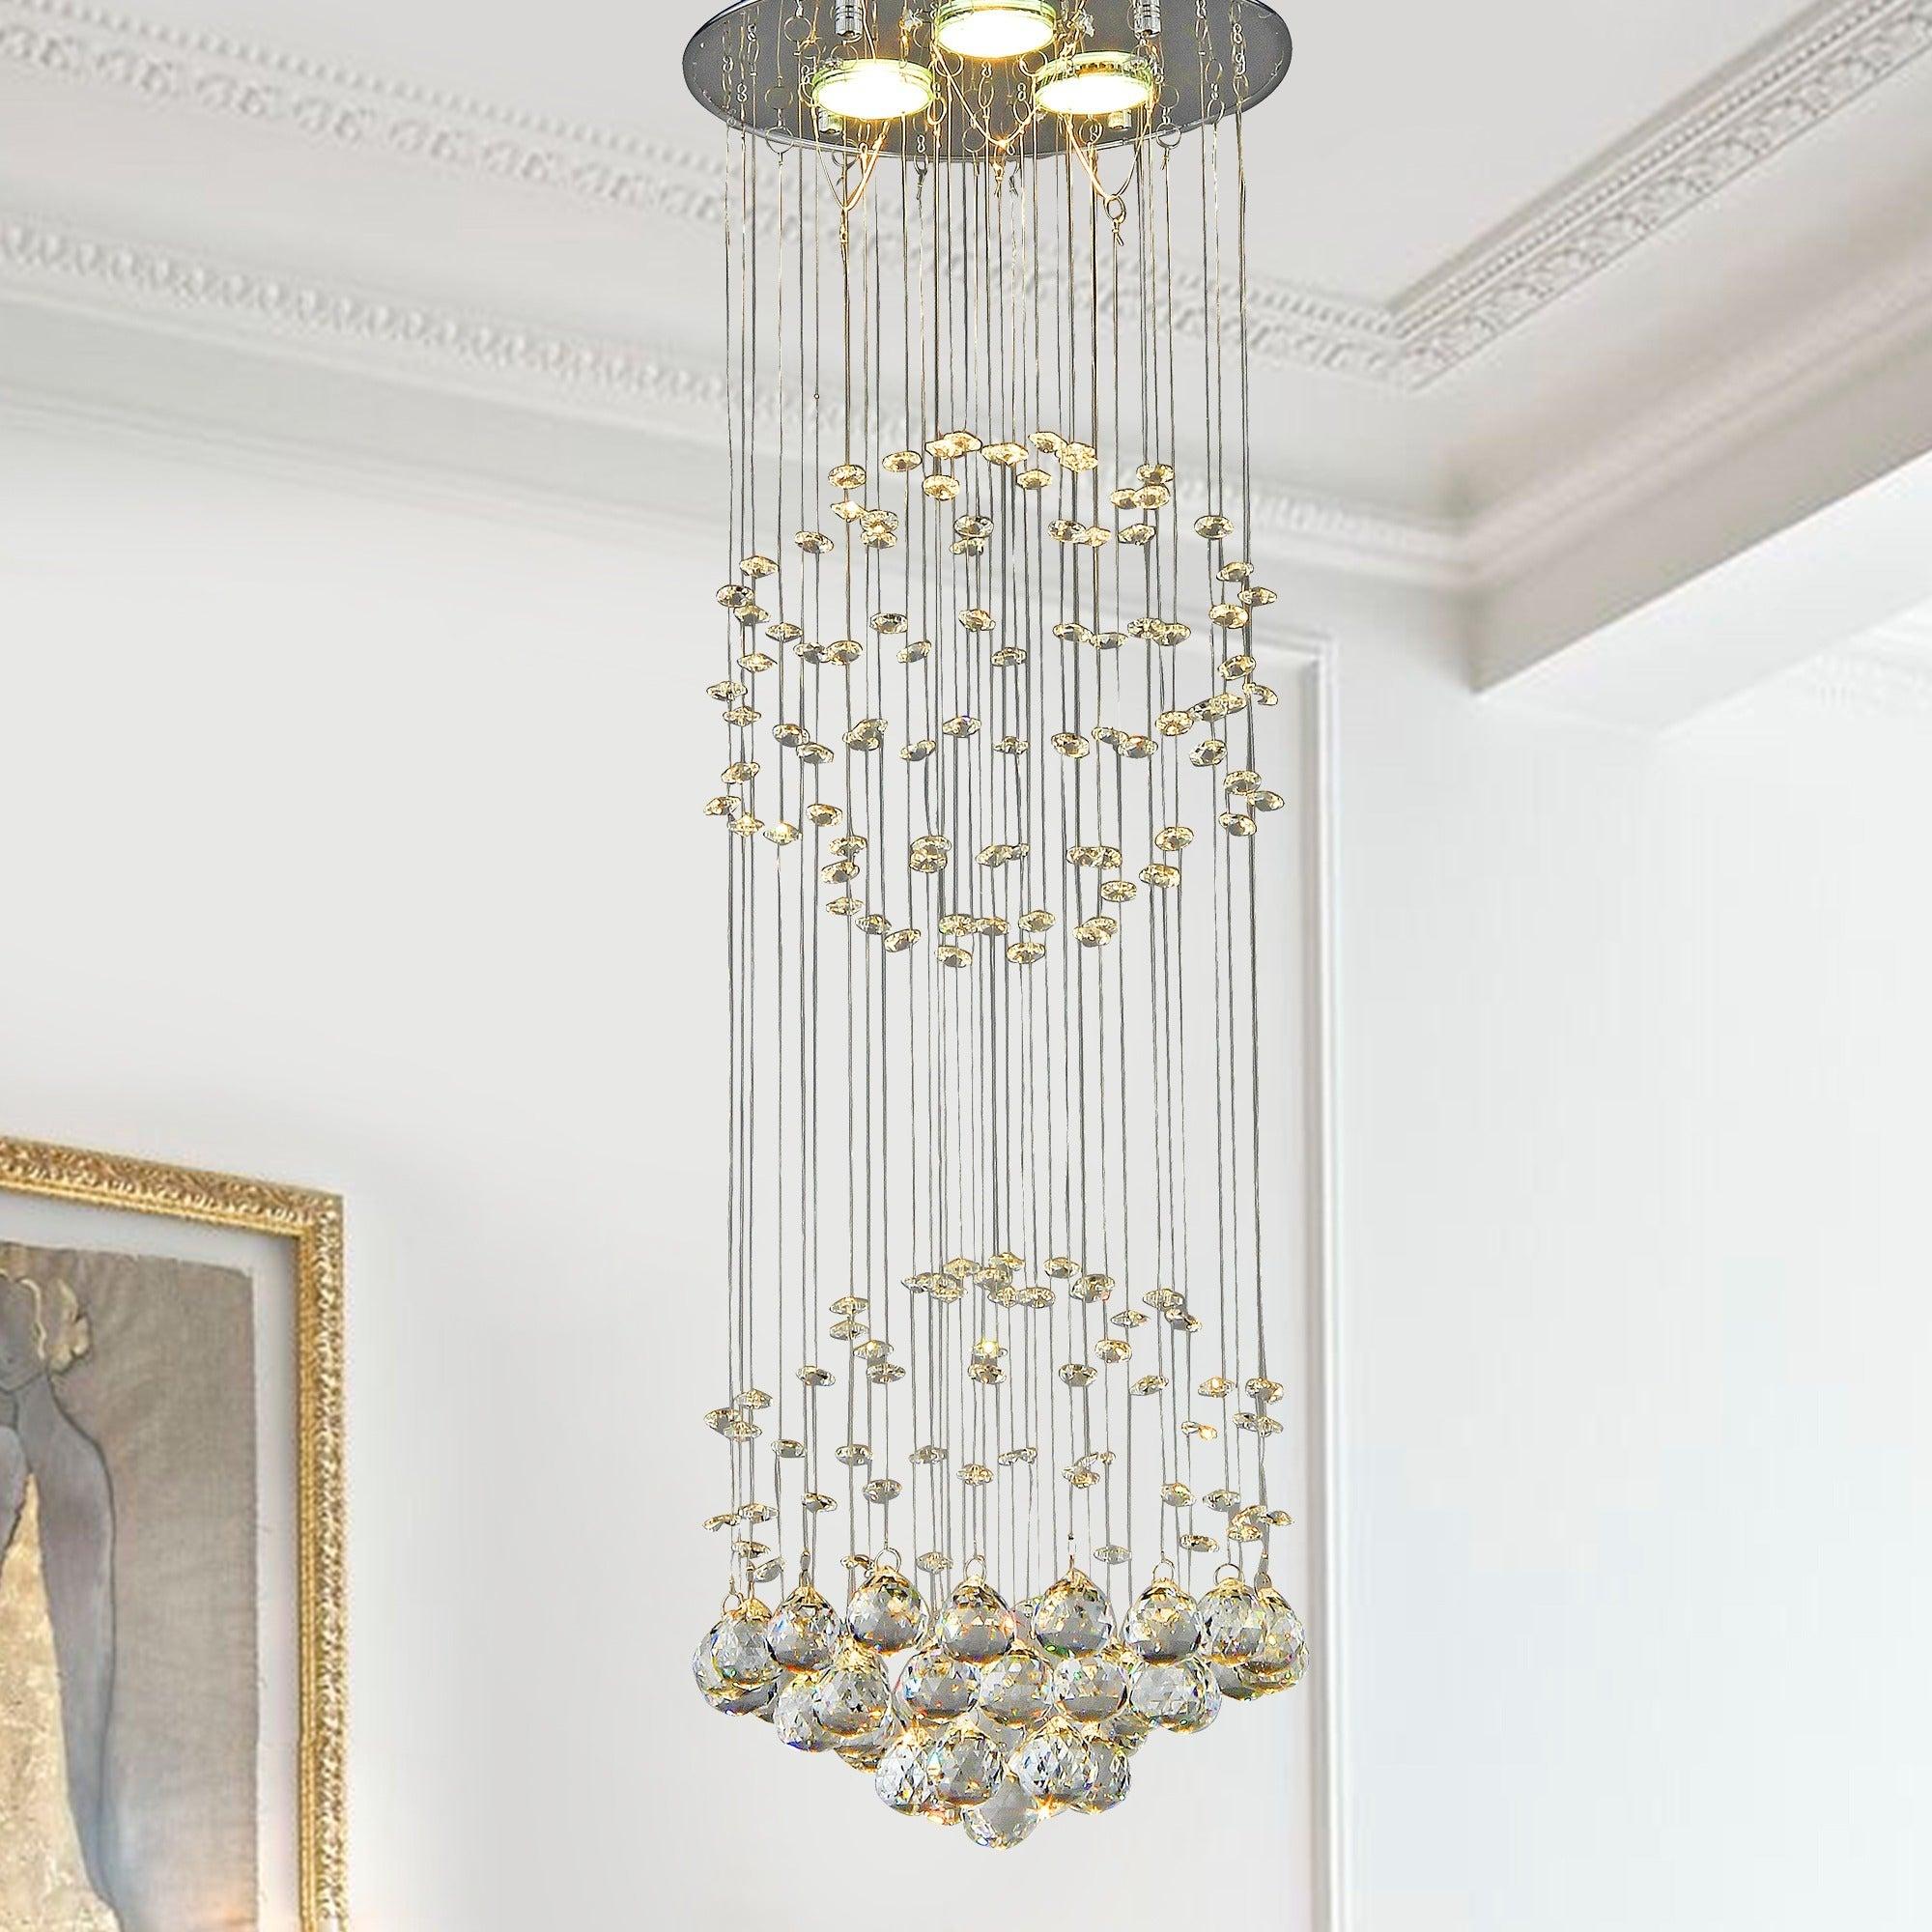 Crystal shower chandelier